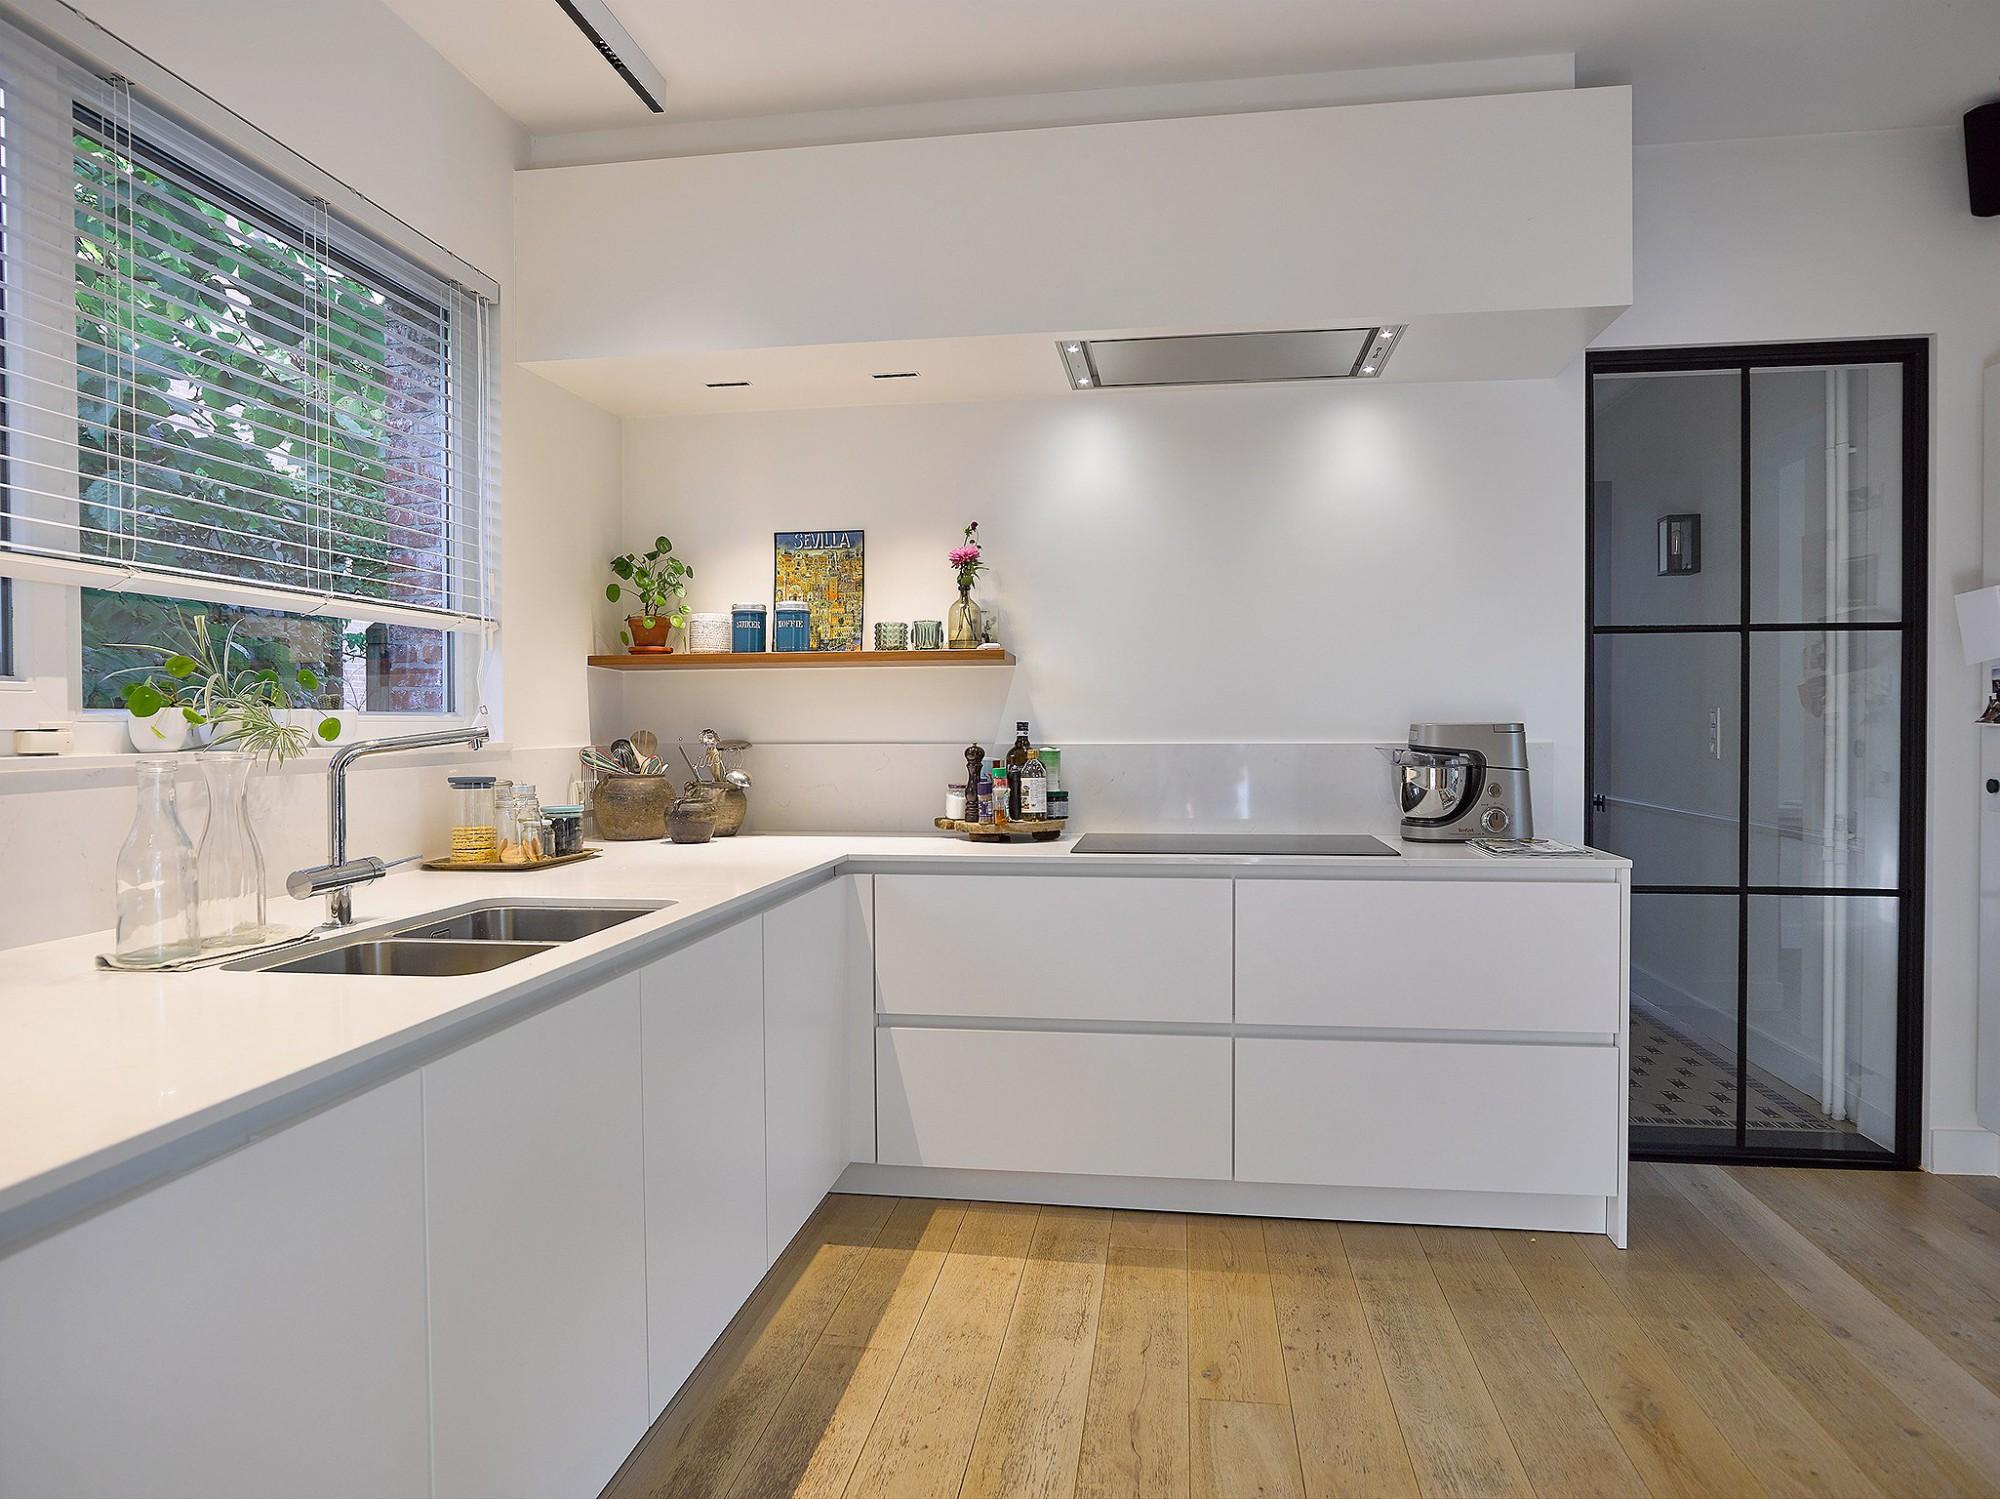 Afbeelding: Interieur fotografie keukens voor bouwwerken Bastijns © foto Van Huffel